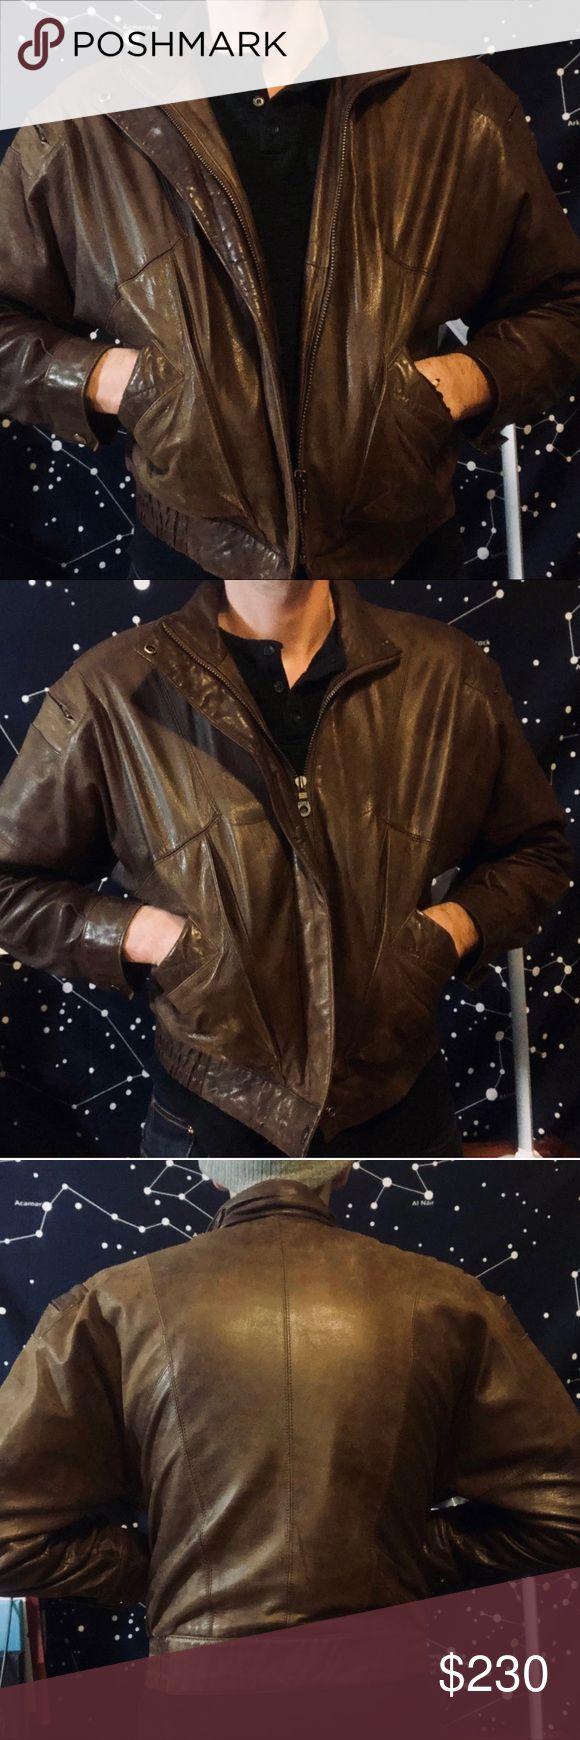 R/S Vintage Genuine Leather Jacket in 2020 Genuine